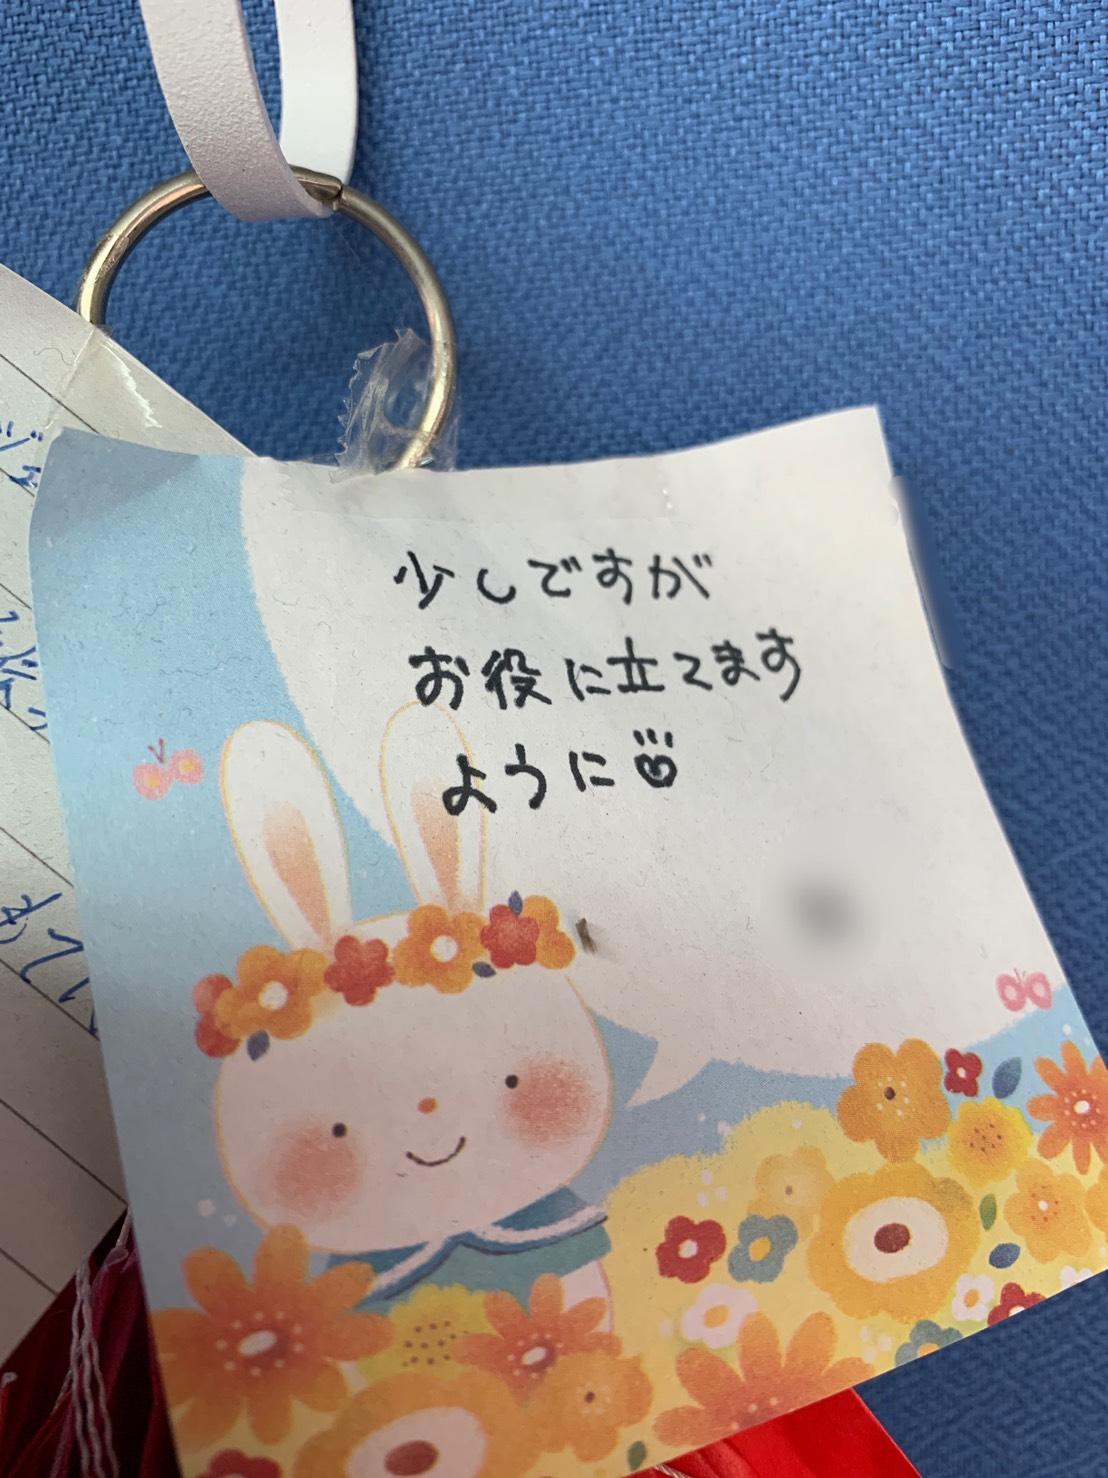 折り鶴とともに頂いたメッセージ